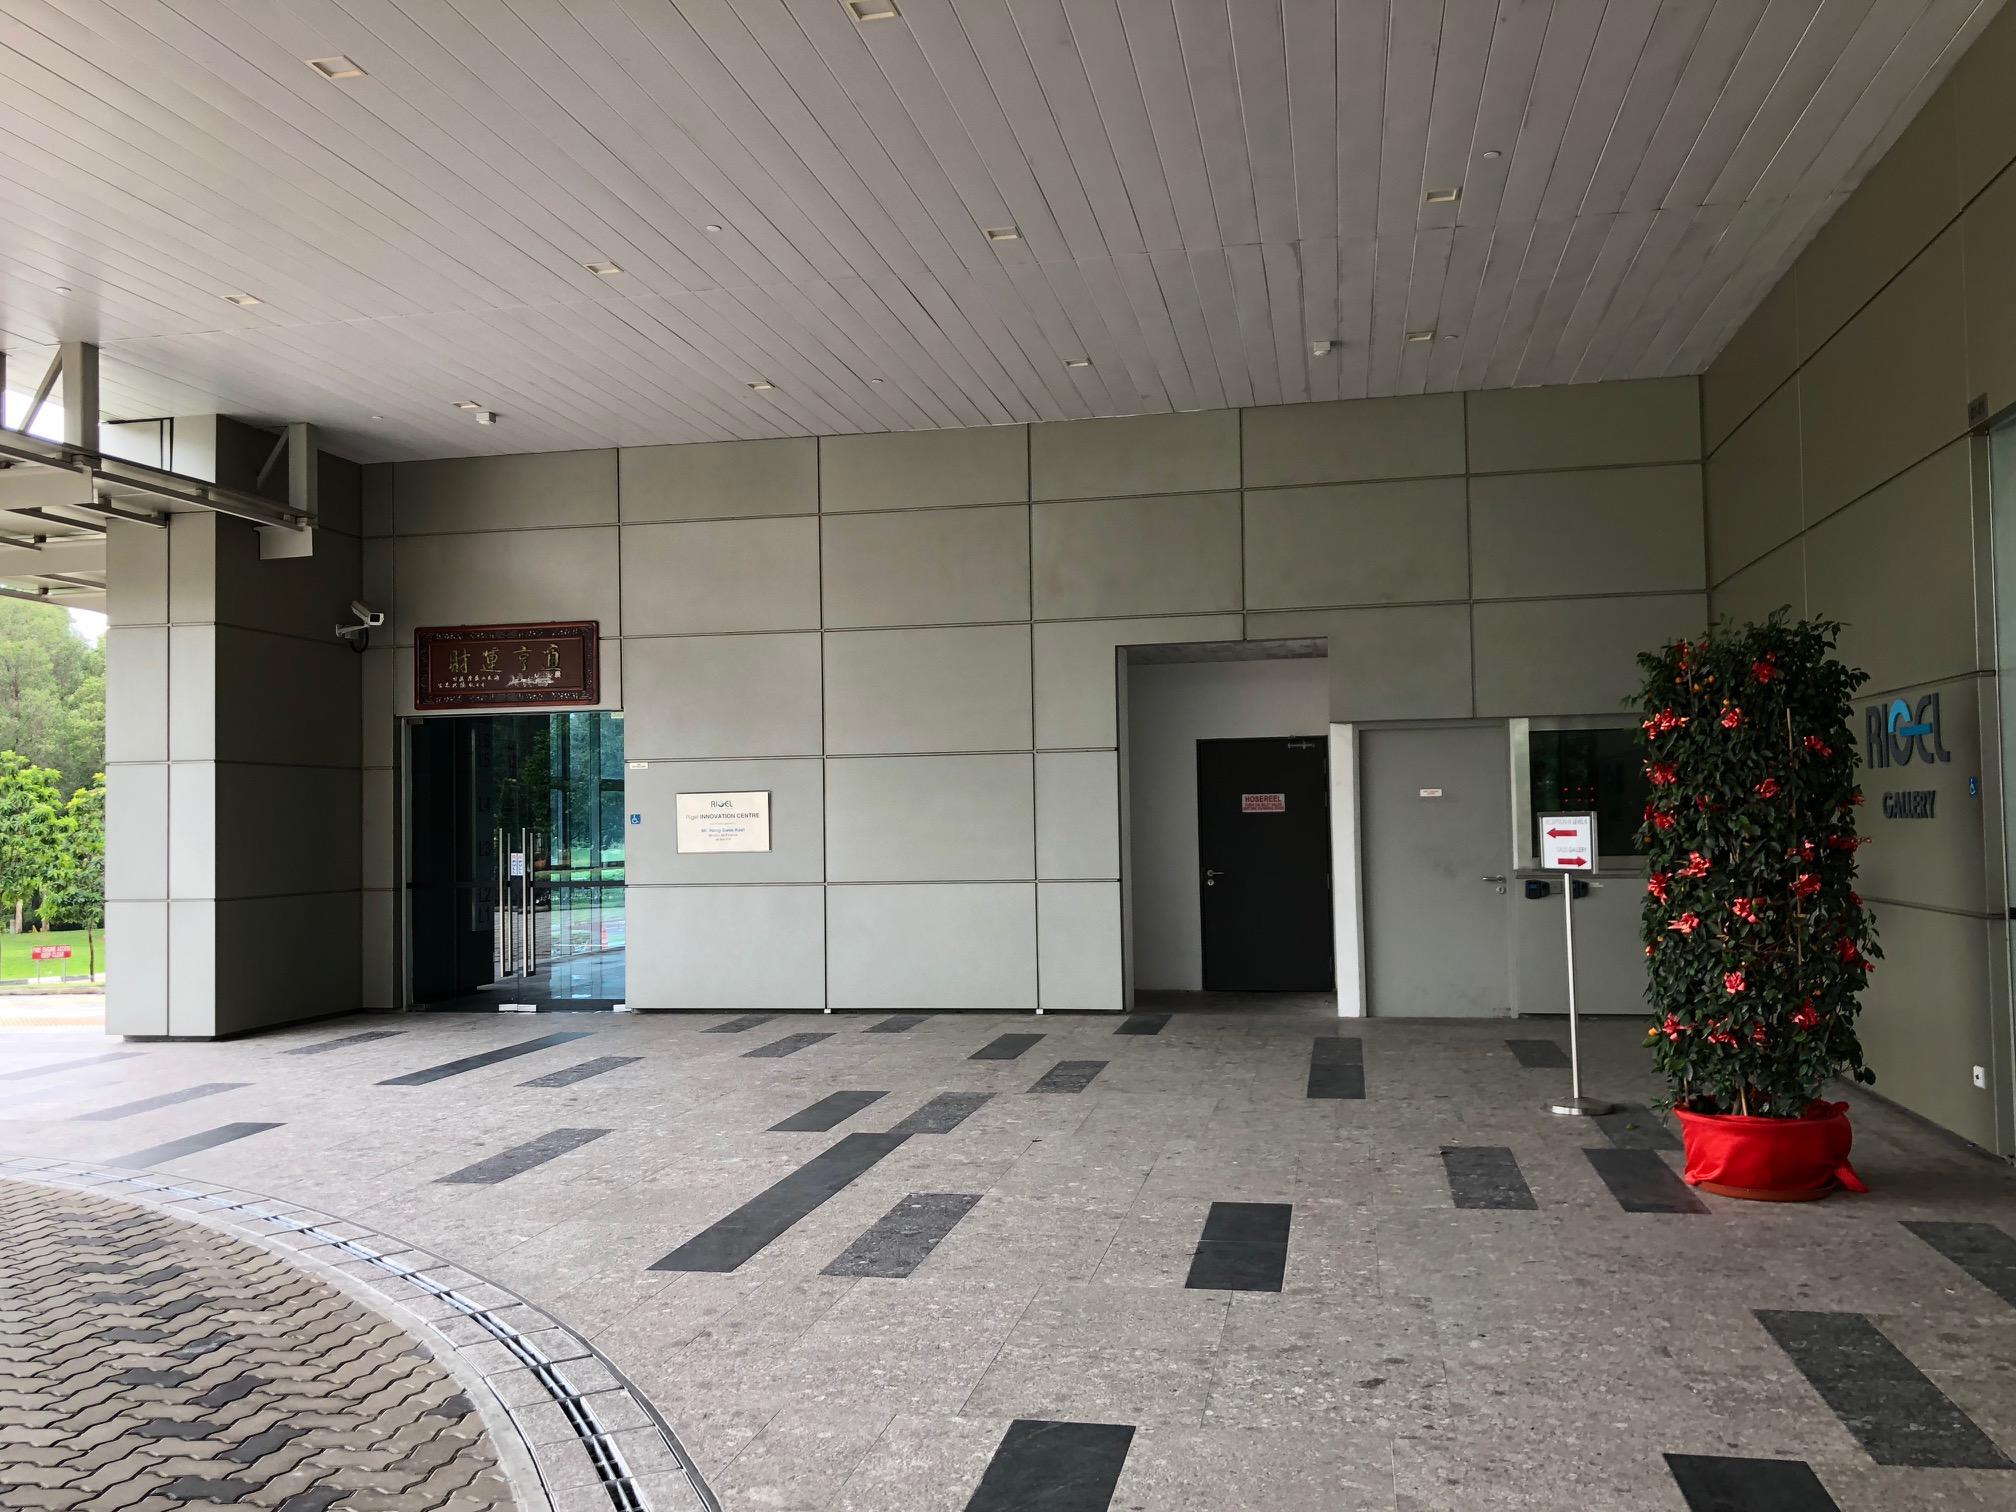 Rigel Innovation Centre